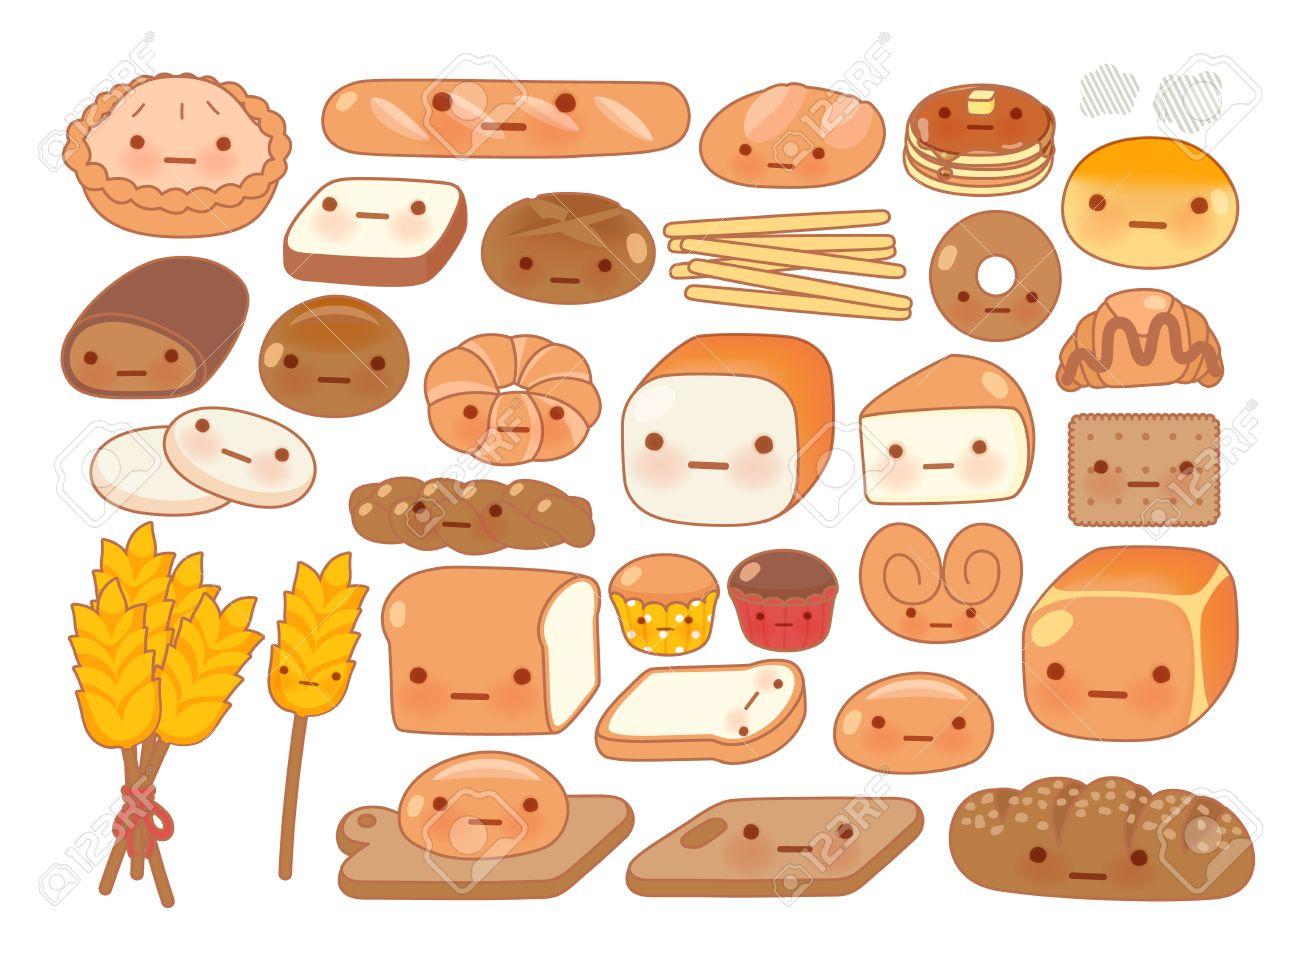 可愛い赤ちゃんベーカリー食品落書きアイコンかわいい白パン愛らしい